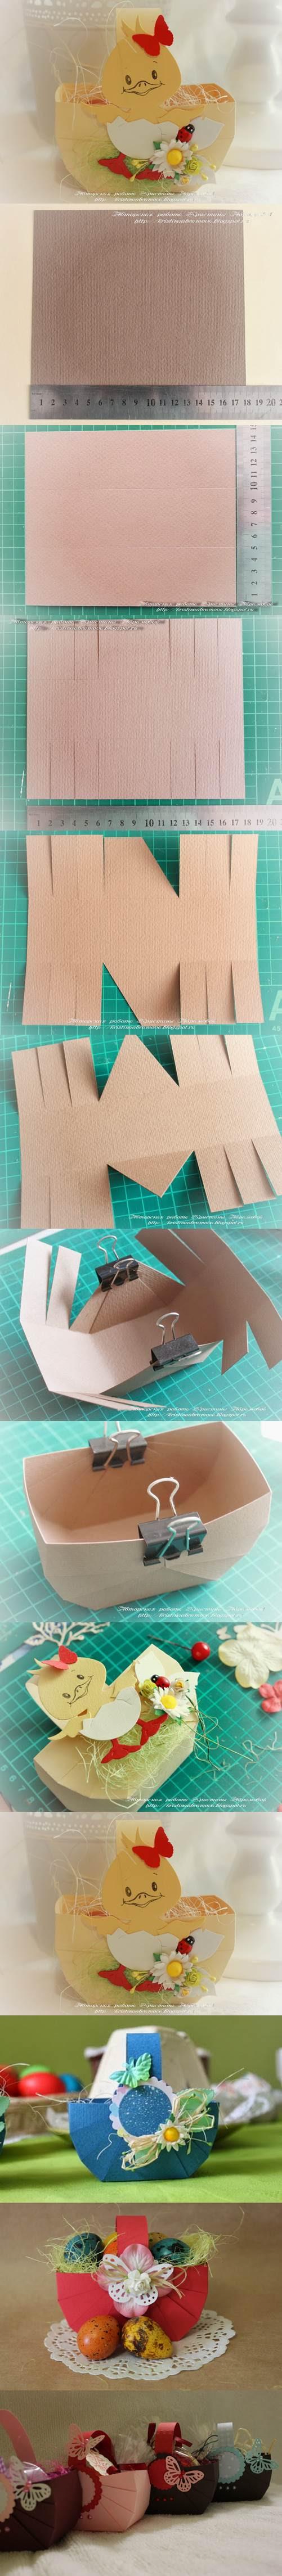 DIY Easy Cardboard Easter Basket 2